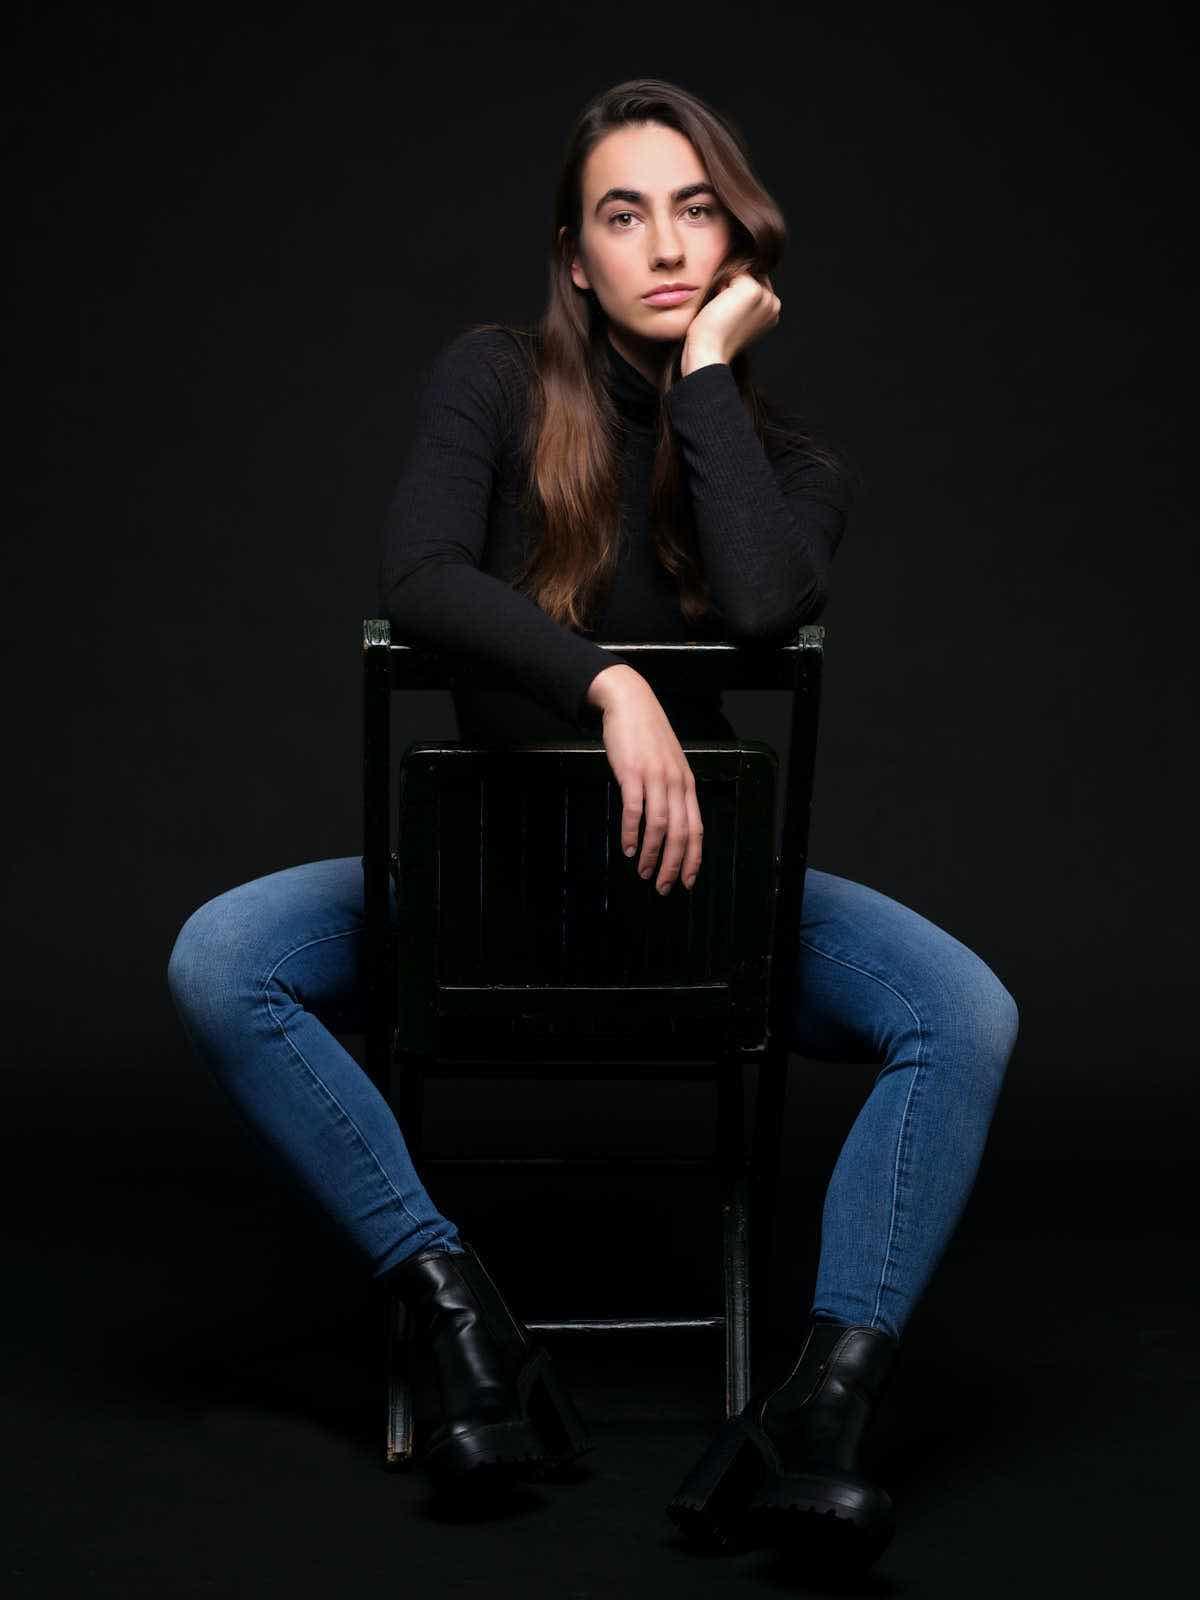 sce-agency-female-model-julia-s-5aa